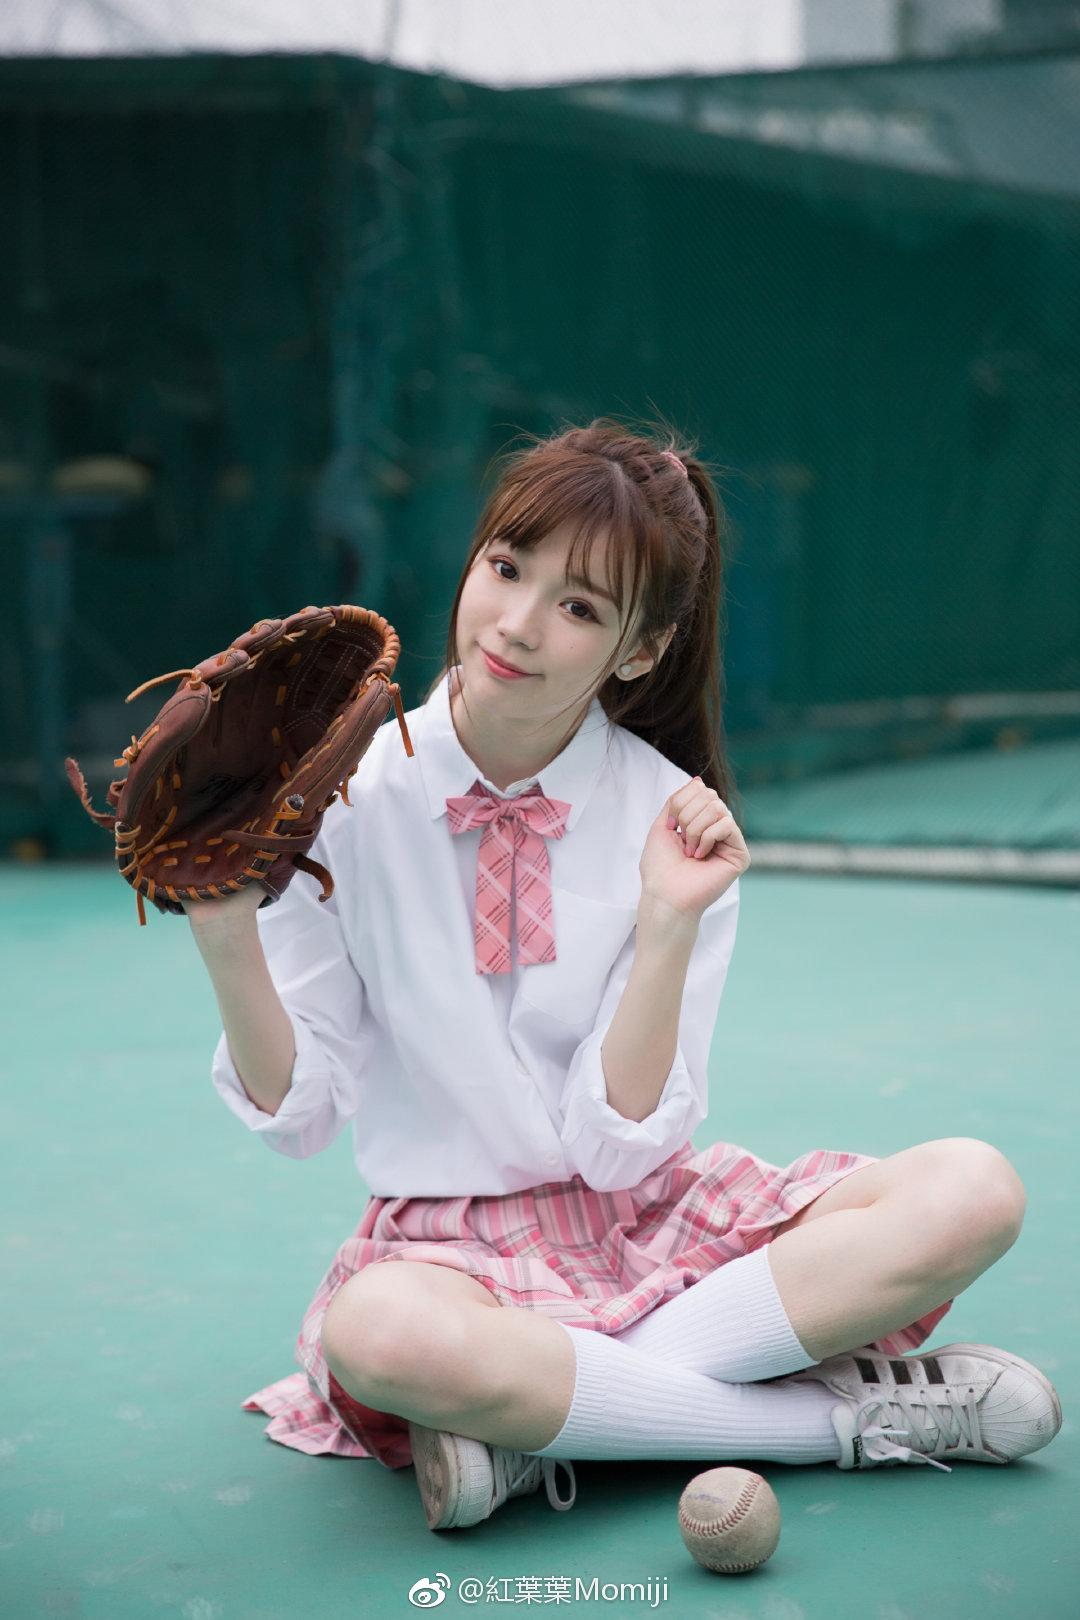 棒球少女插图4